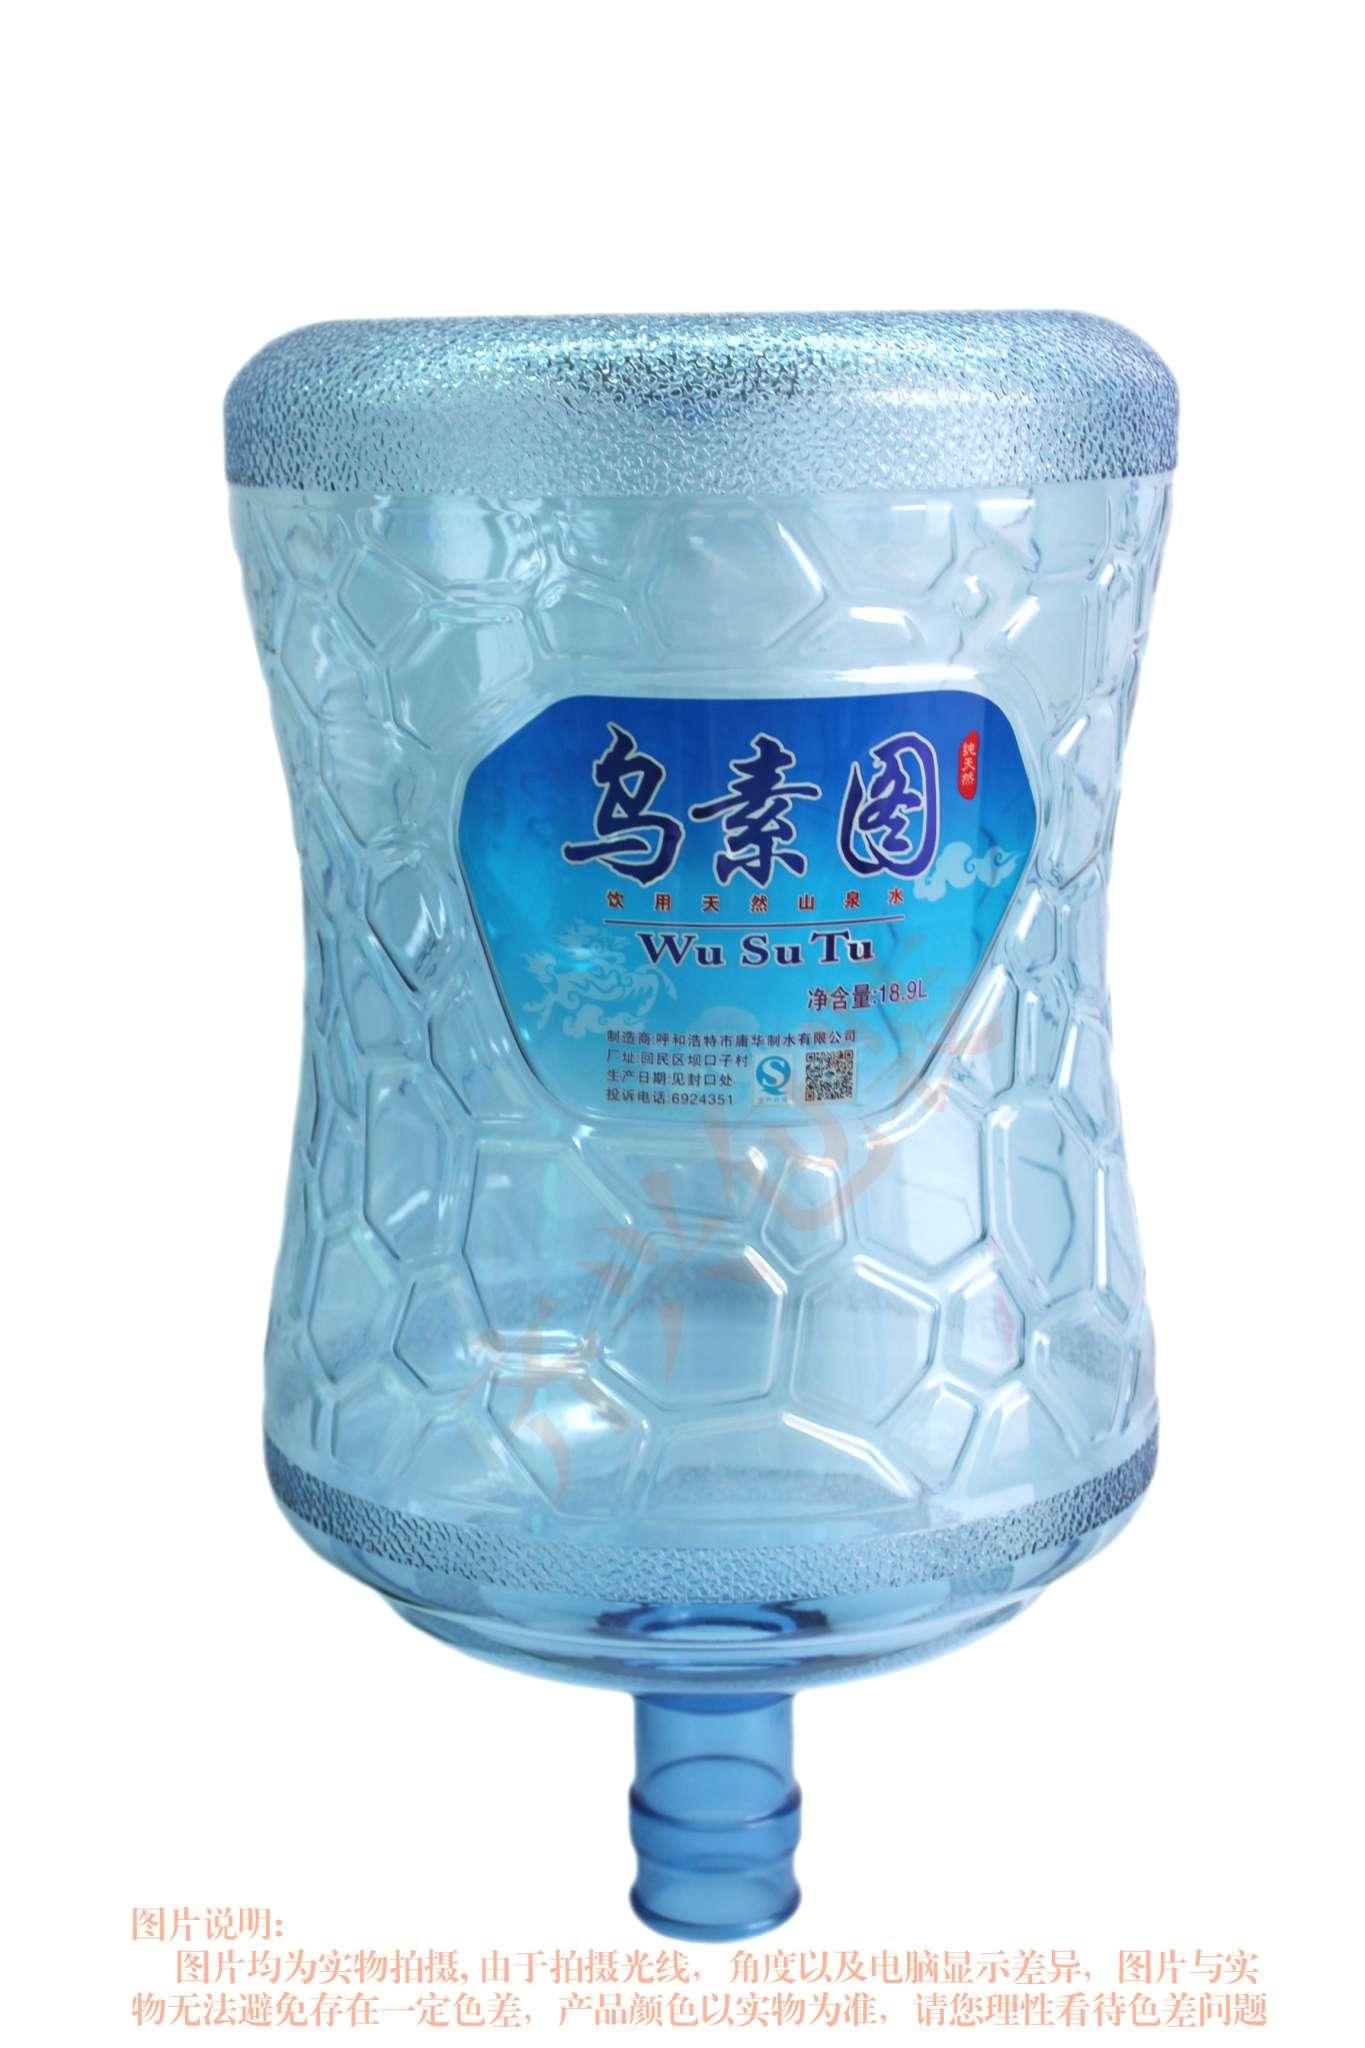 水桶标签6 - 佛山市齐兴包装材料有限公司